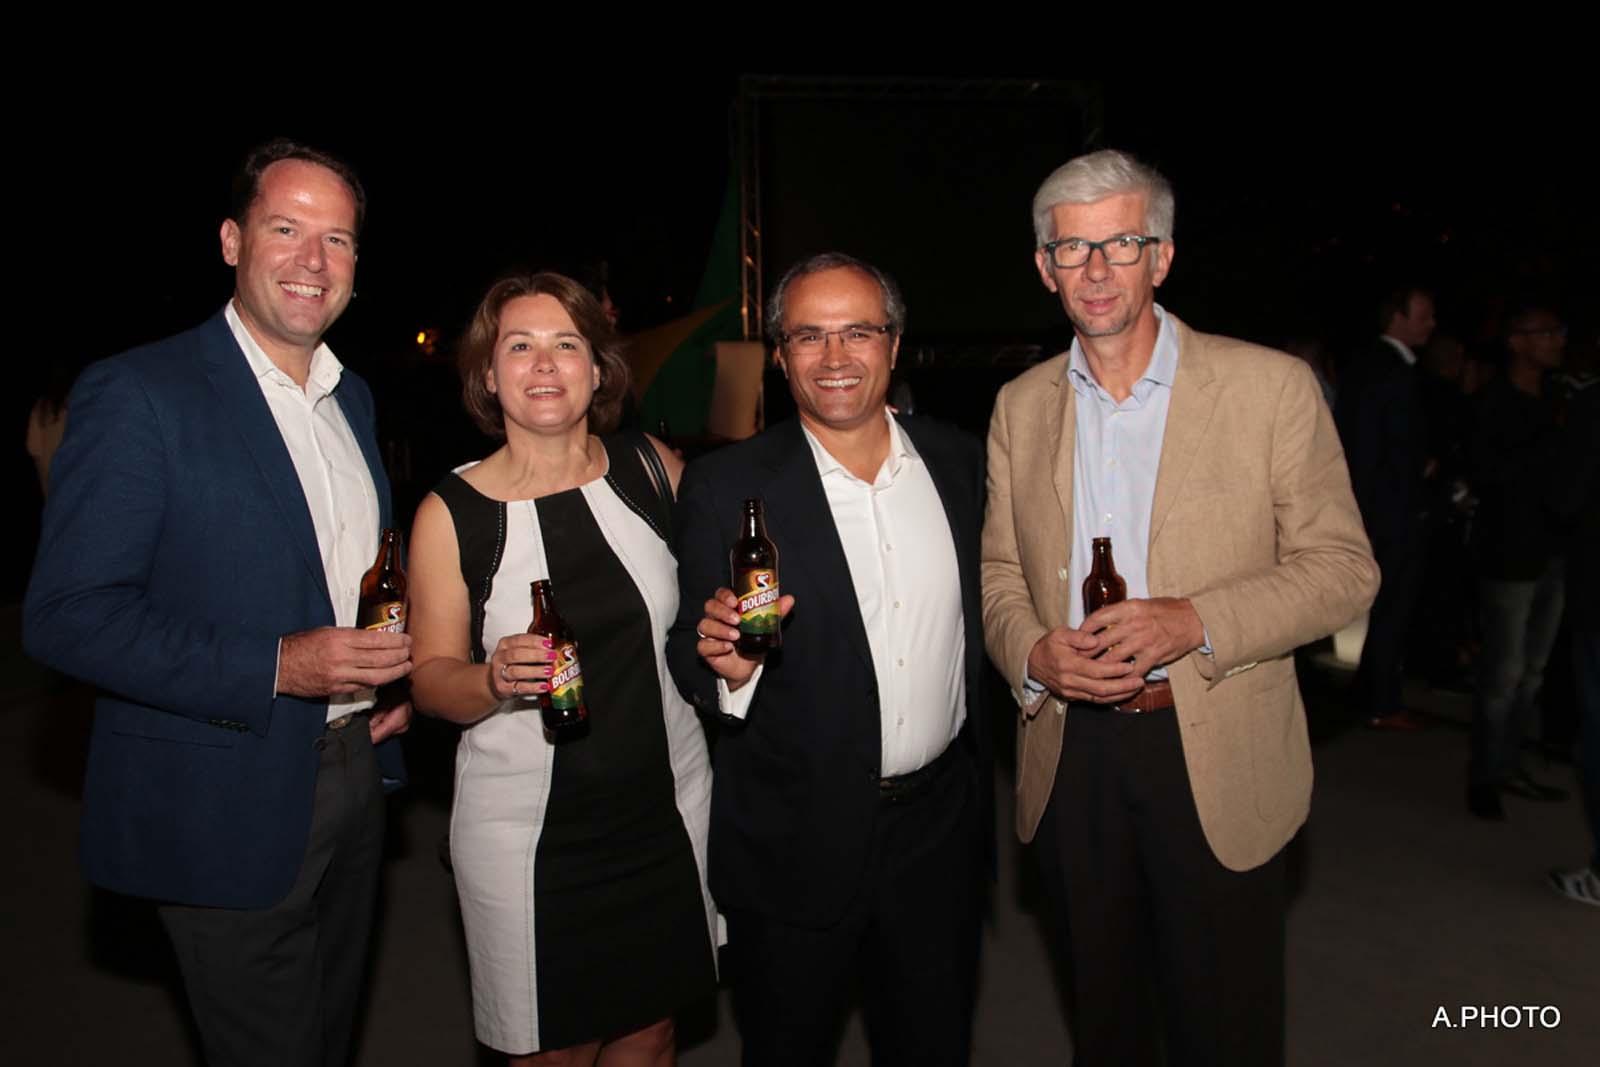 Boudewijn Haarsma du Groupe Heineken, Doron Wijnschenk, le directeur général des Brasseries de Bourbon, et Thierry Devimeux, ex-secrétaire général pour les Affaires Régionales à la Préfecture